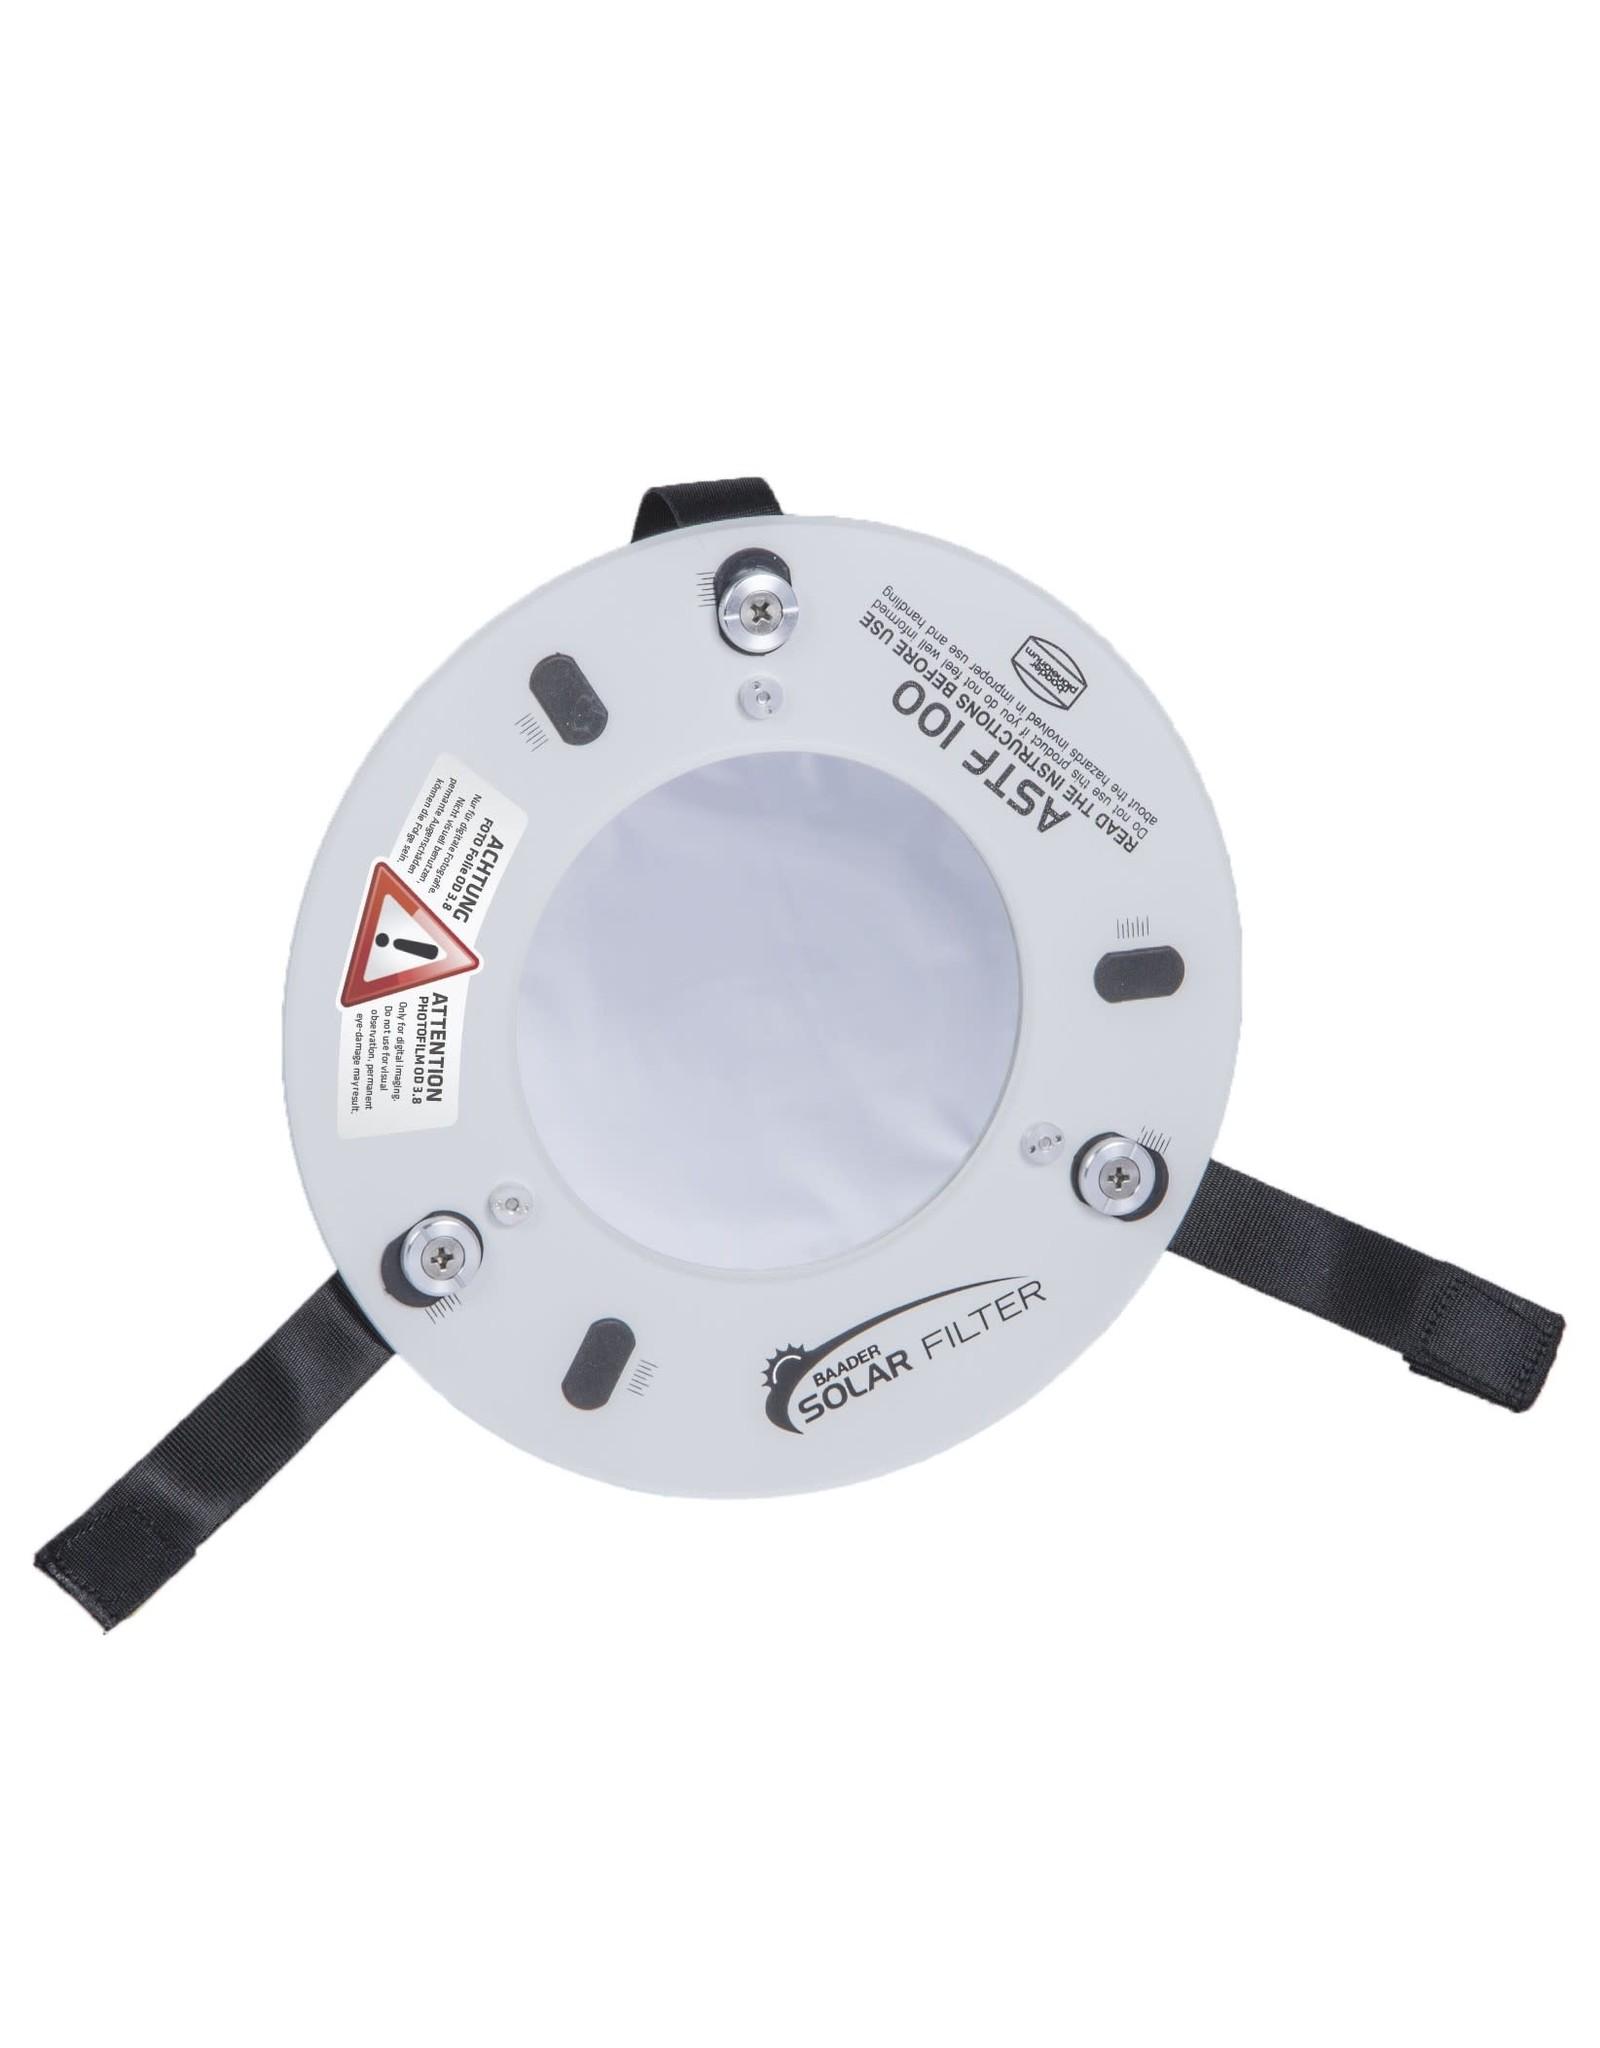 Baader Planetarium BDSF: OD 3.8 Baader Digital Solar Filter (Specify Size)